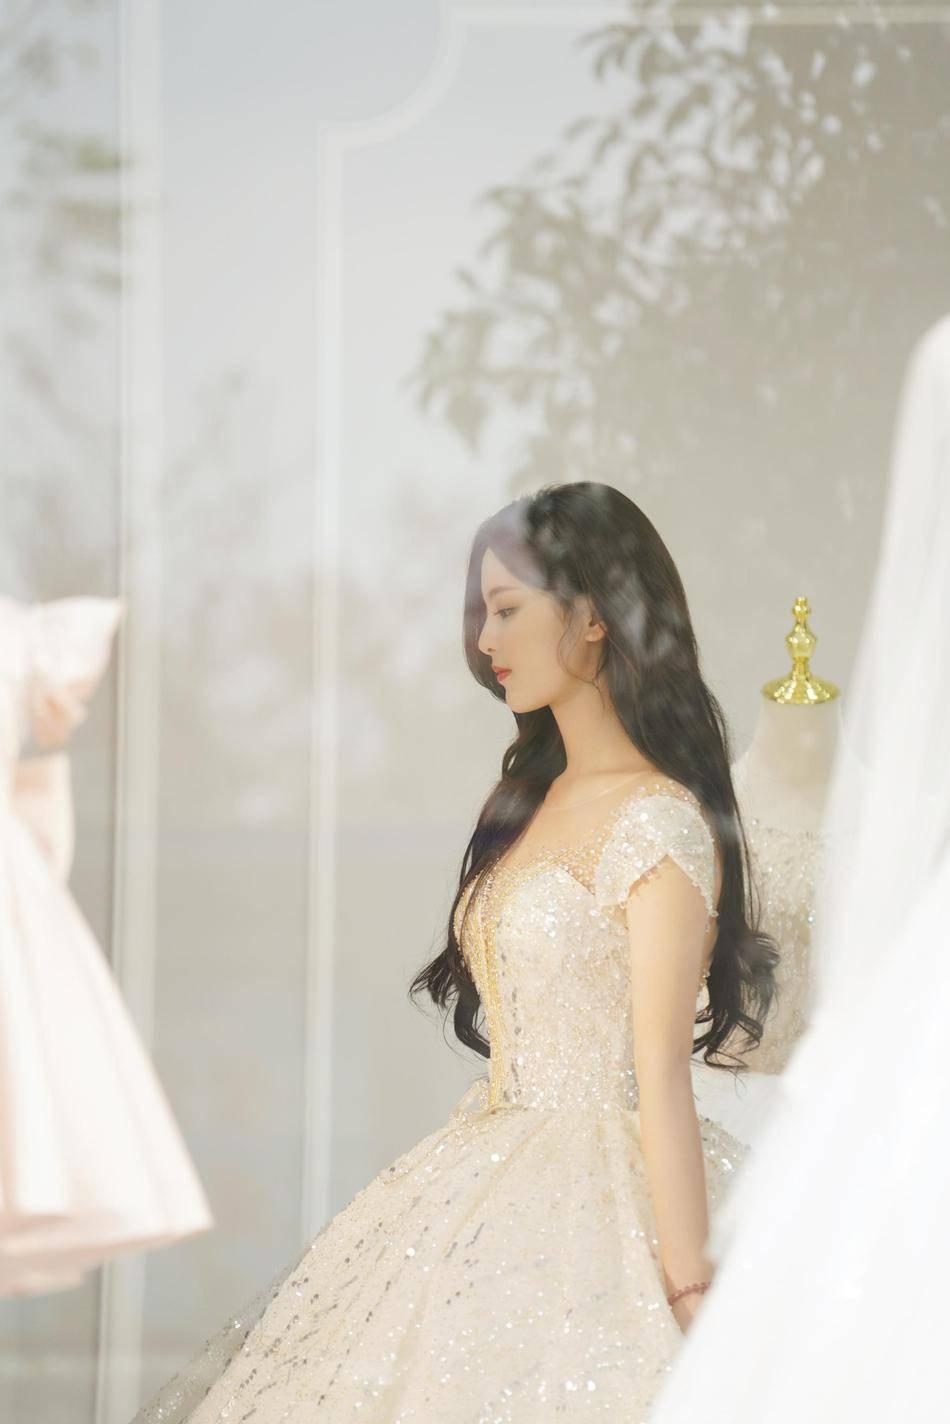 原创             杨超越再尝白婚纱造型,低胸深V秀天鹅颈,精致绣珠尽显高贵